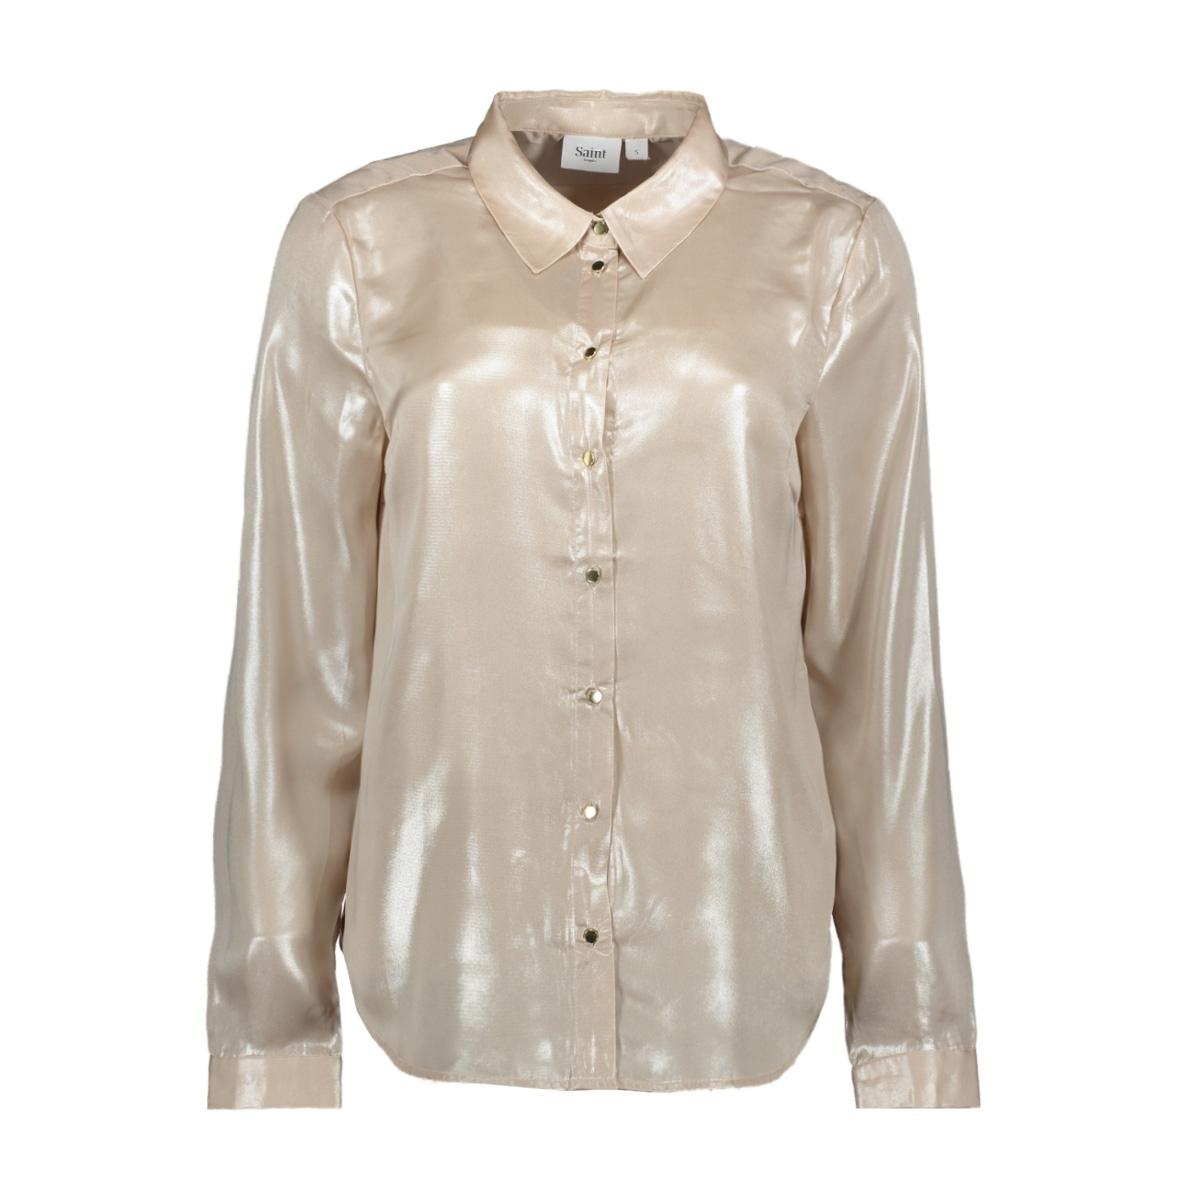 woven shirt ls 30501364 saint tropez blouse 13 1107